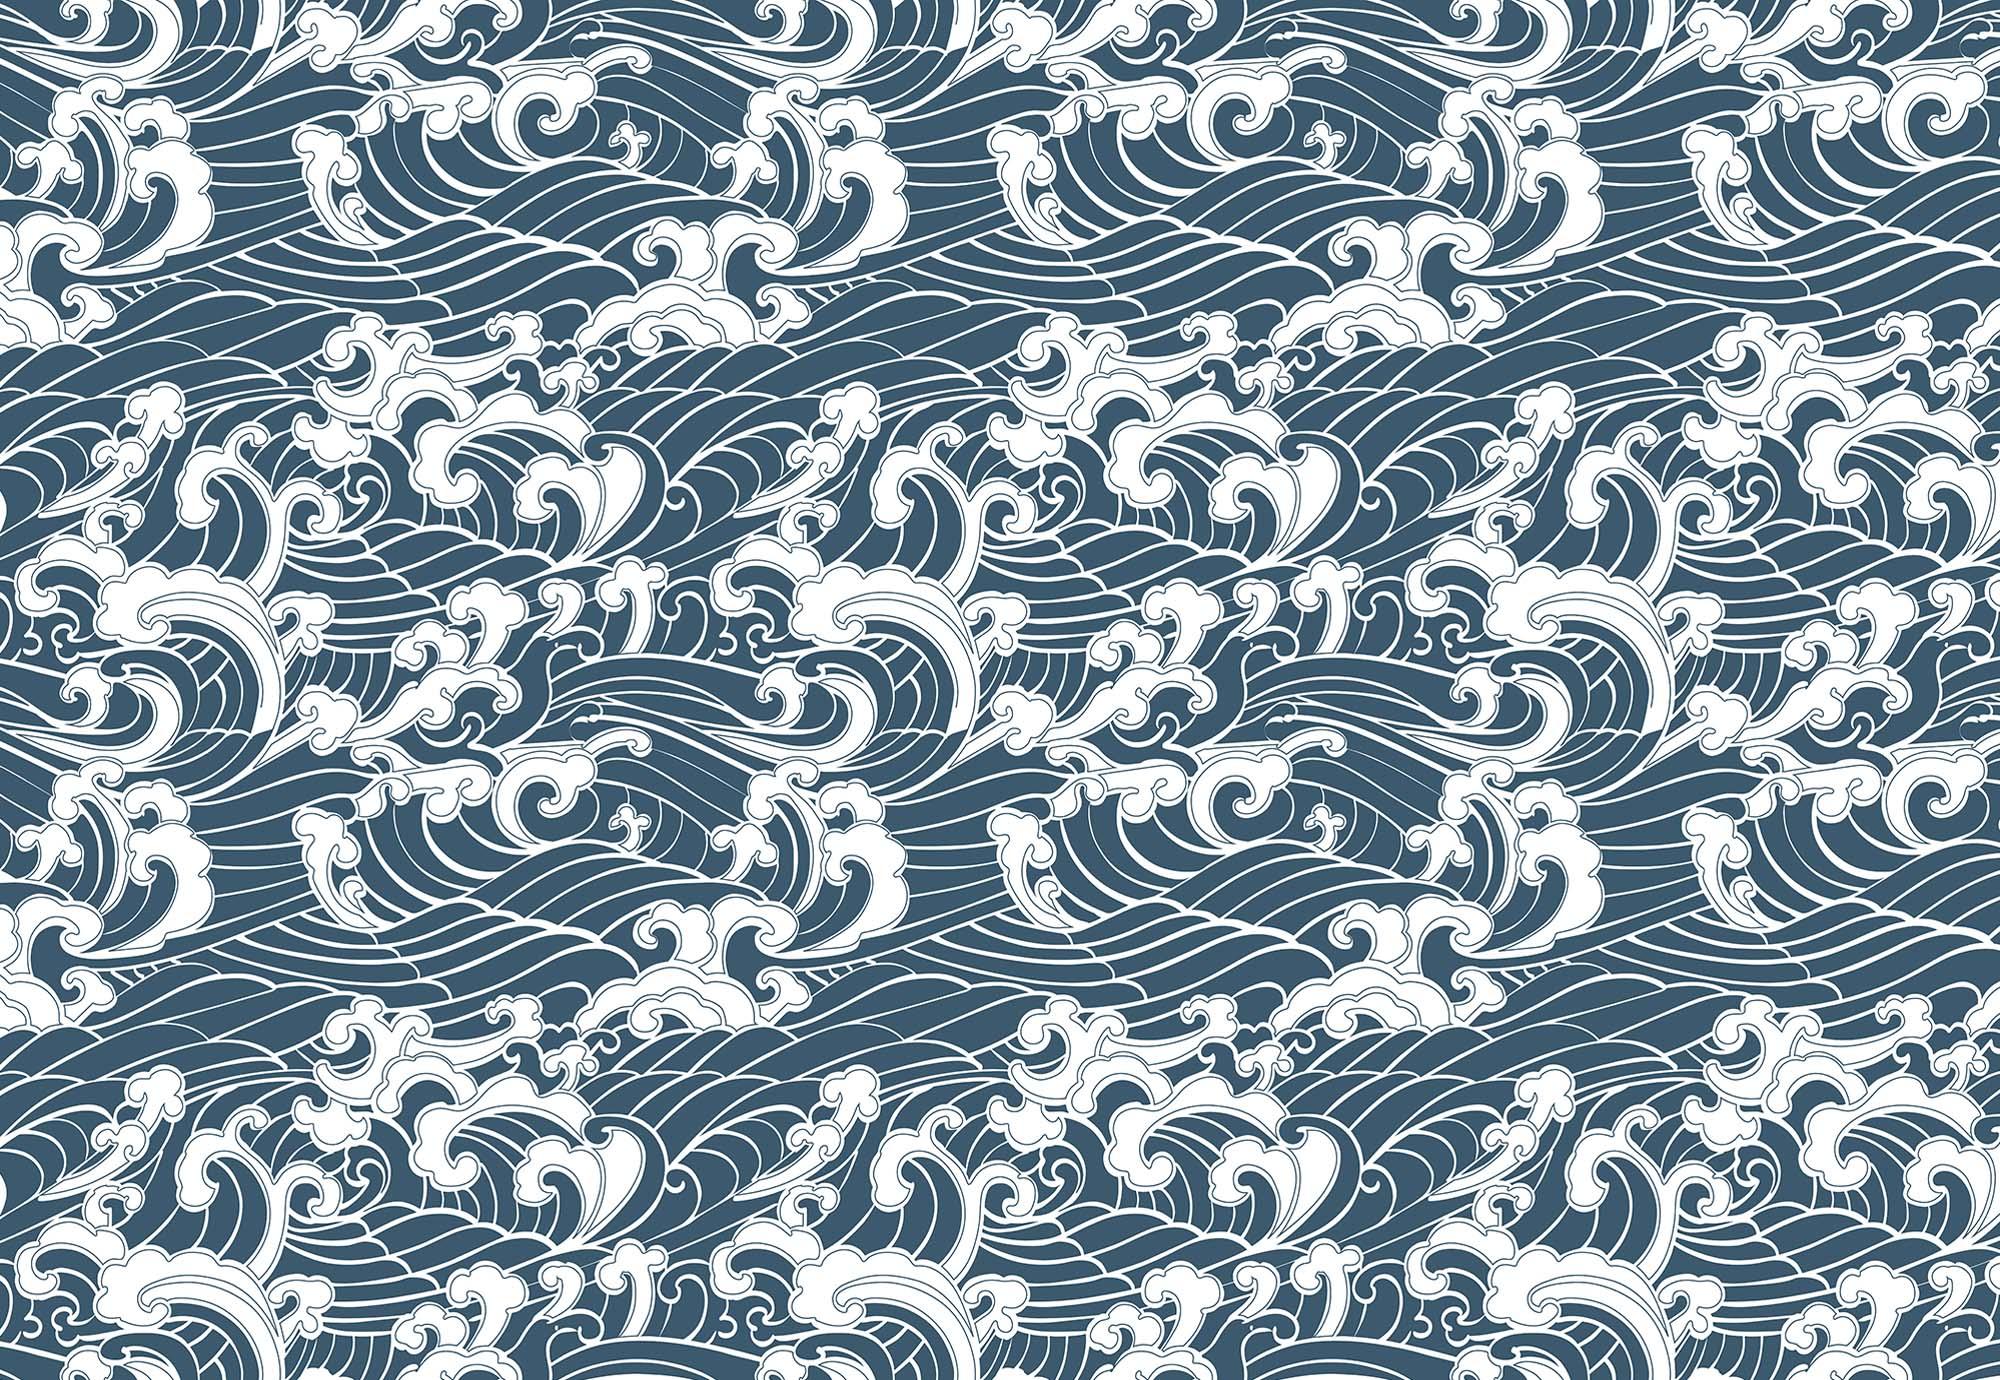 Fali poszter Japán stílusban hullám mintával